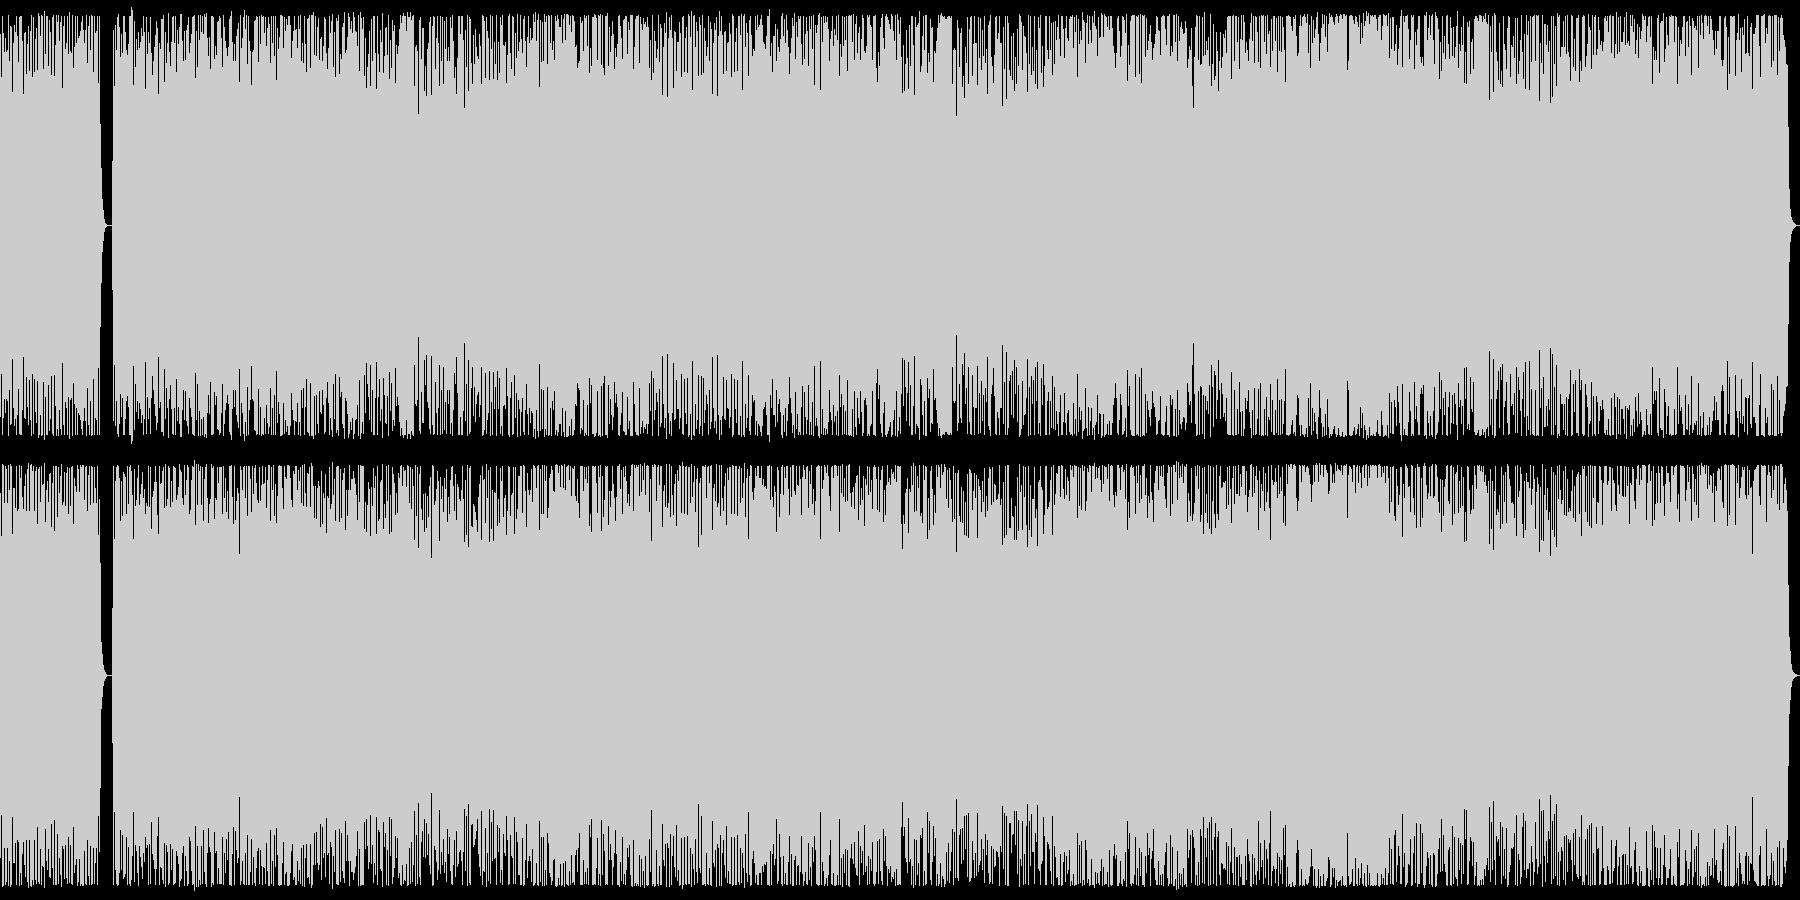 メタル戦闘曲 ダークフィールド ロング版の未再生の波形